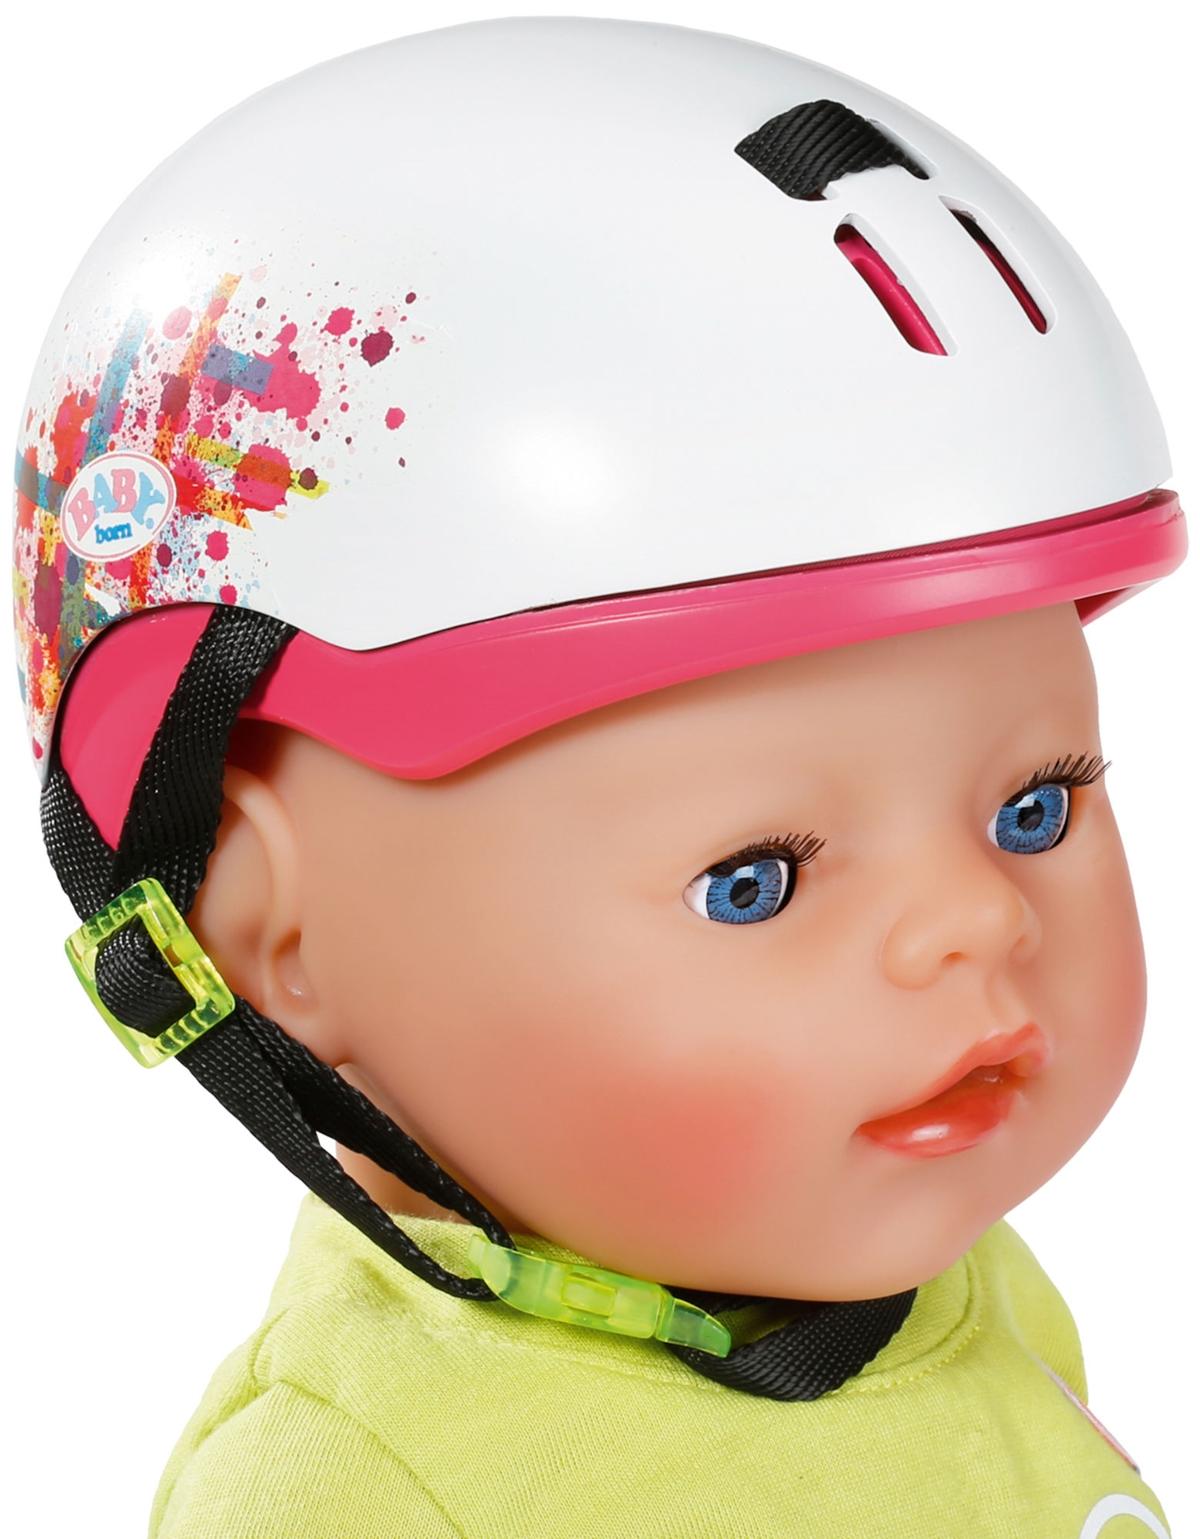 Babyborn_Cykelhjälm